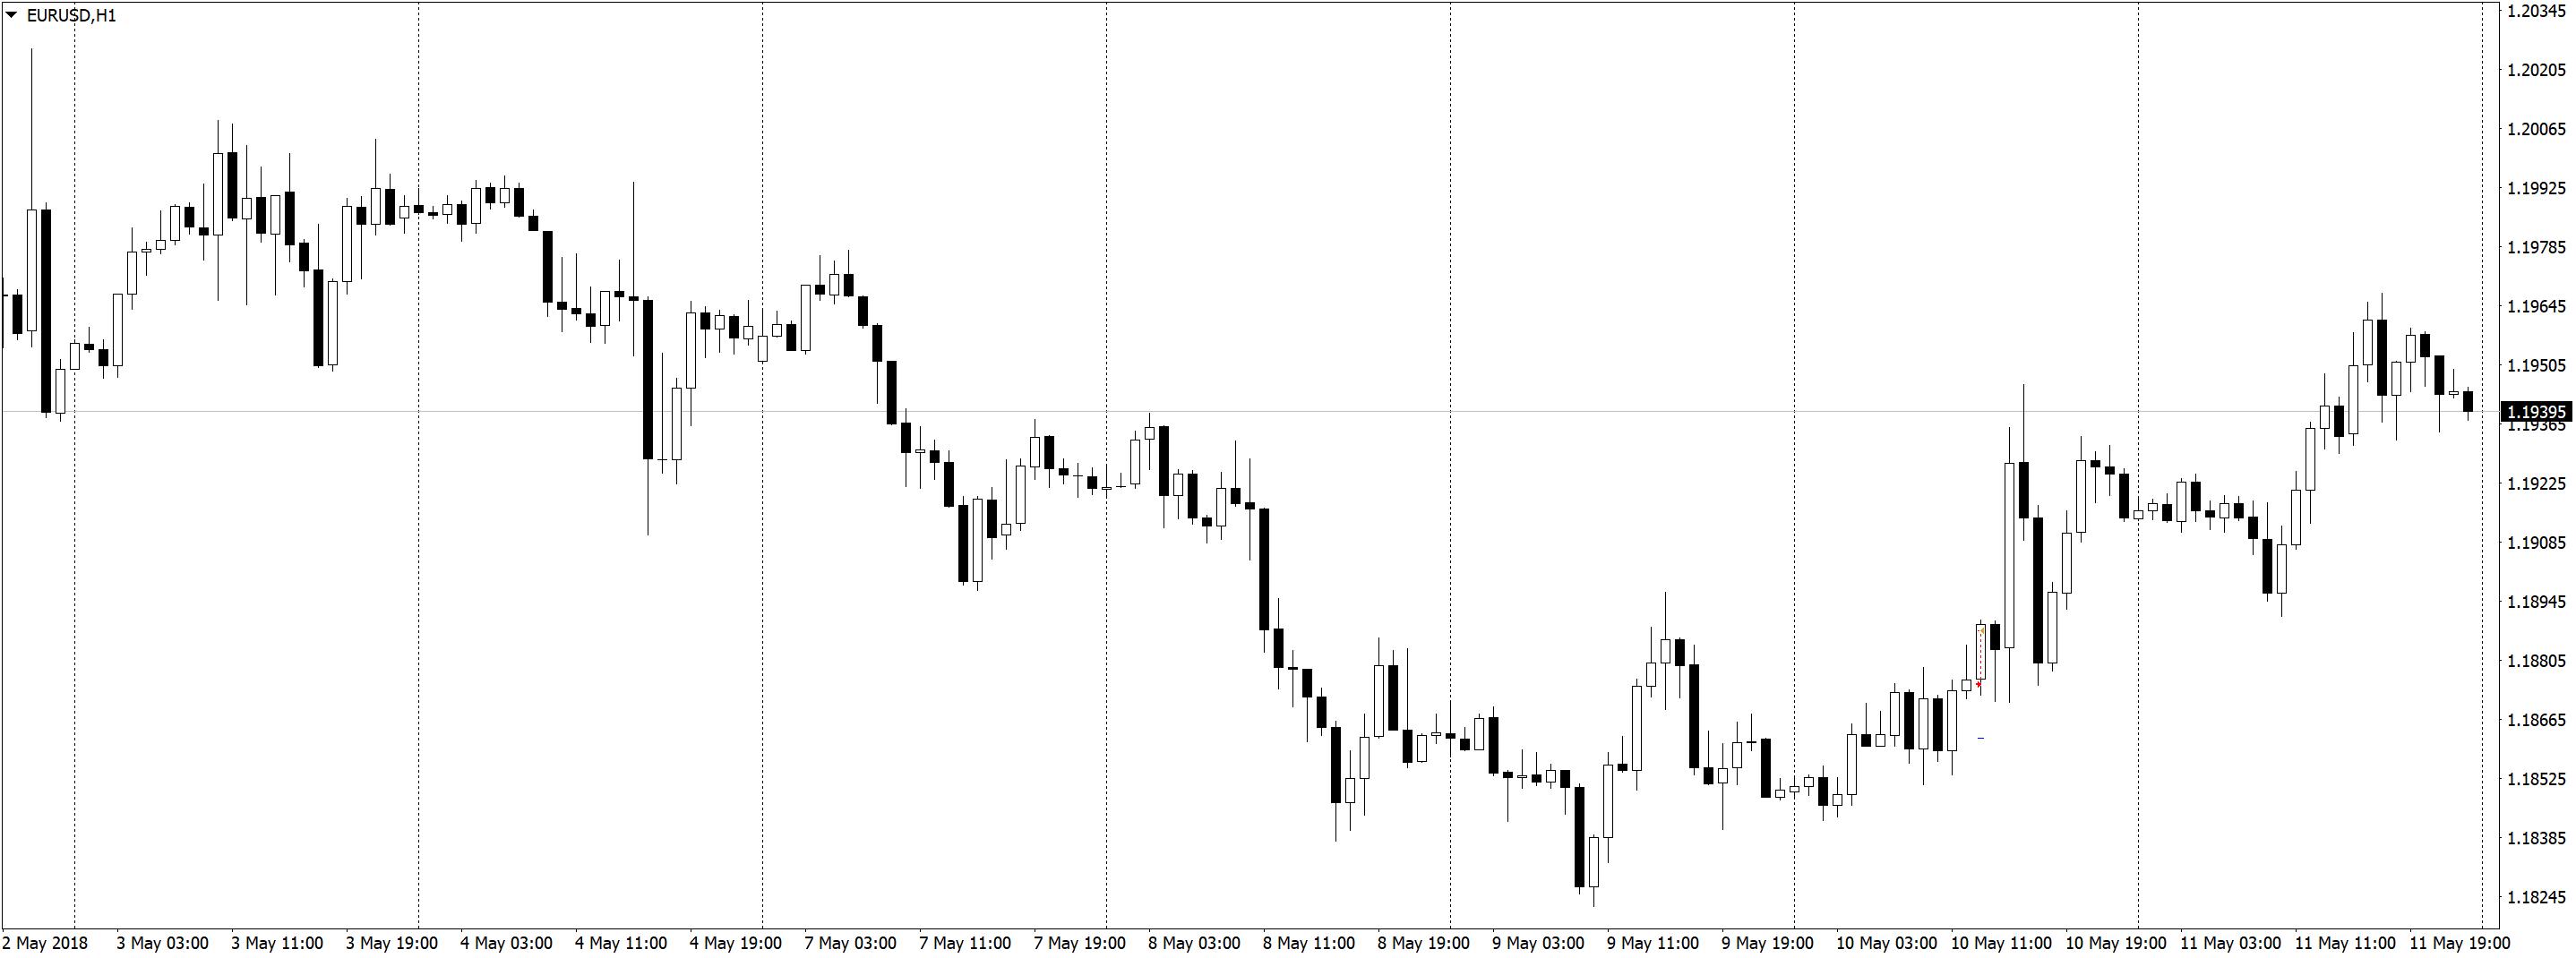 EURUSDH1 Положительная доходность в трейдинге, торговле по M5 и M1